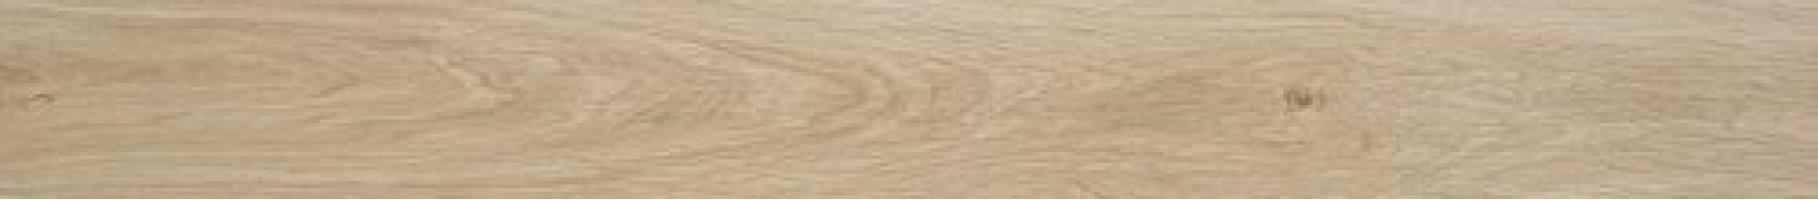 Специальный элемент Ape Ceramica Tabica Fiorentino Oregon Nogal 15x120 A027483